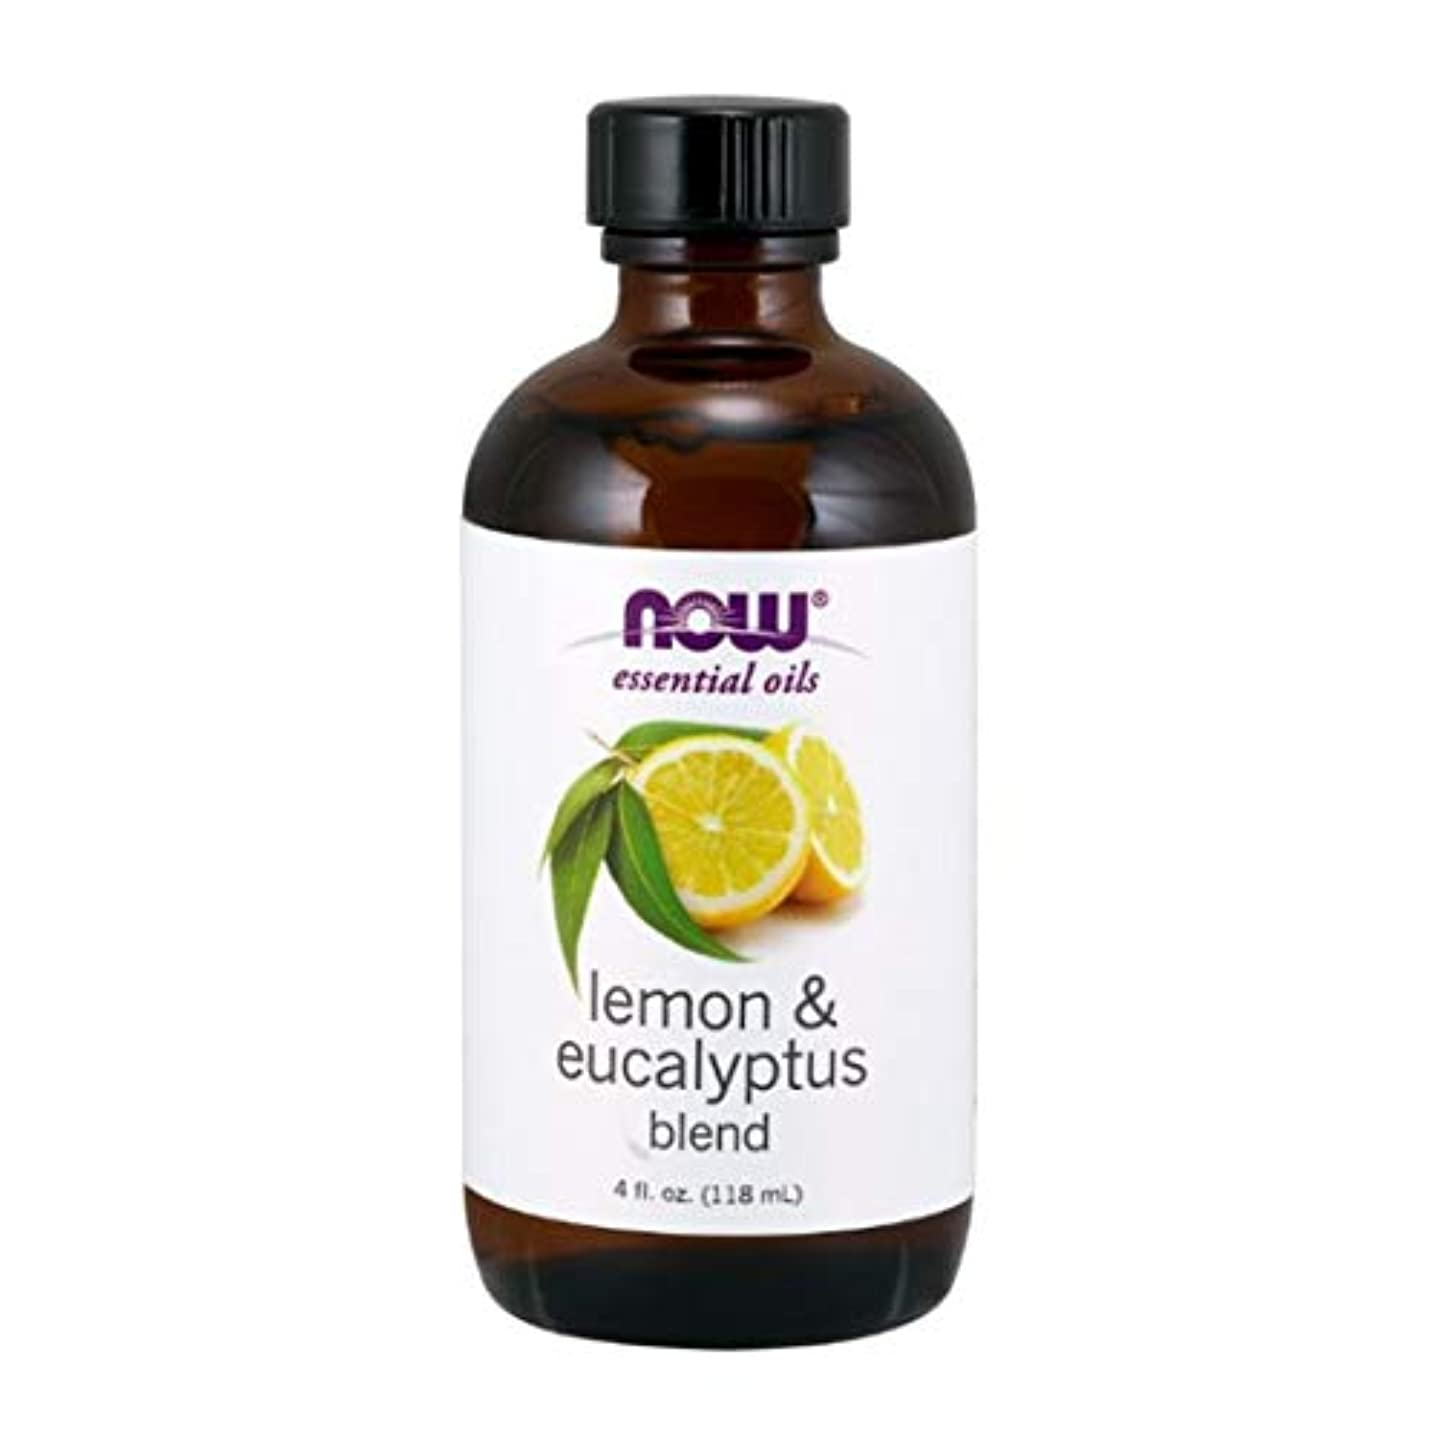 タイヤフェード住居Now - Lemon & Eucalyptus Blend With Lemongrass 4 oz (118 ml) [並行輸入品]